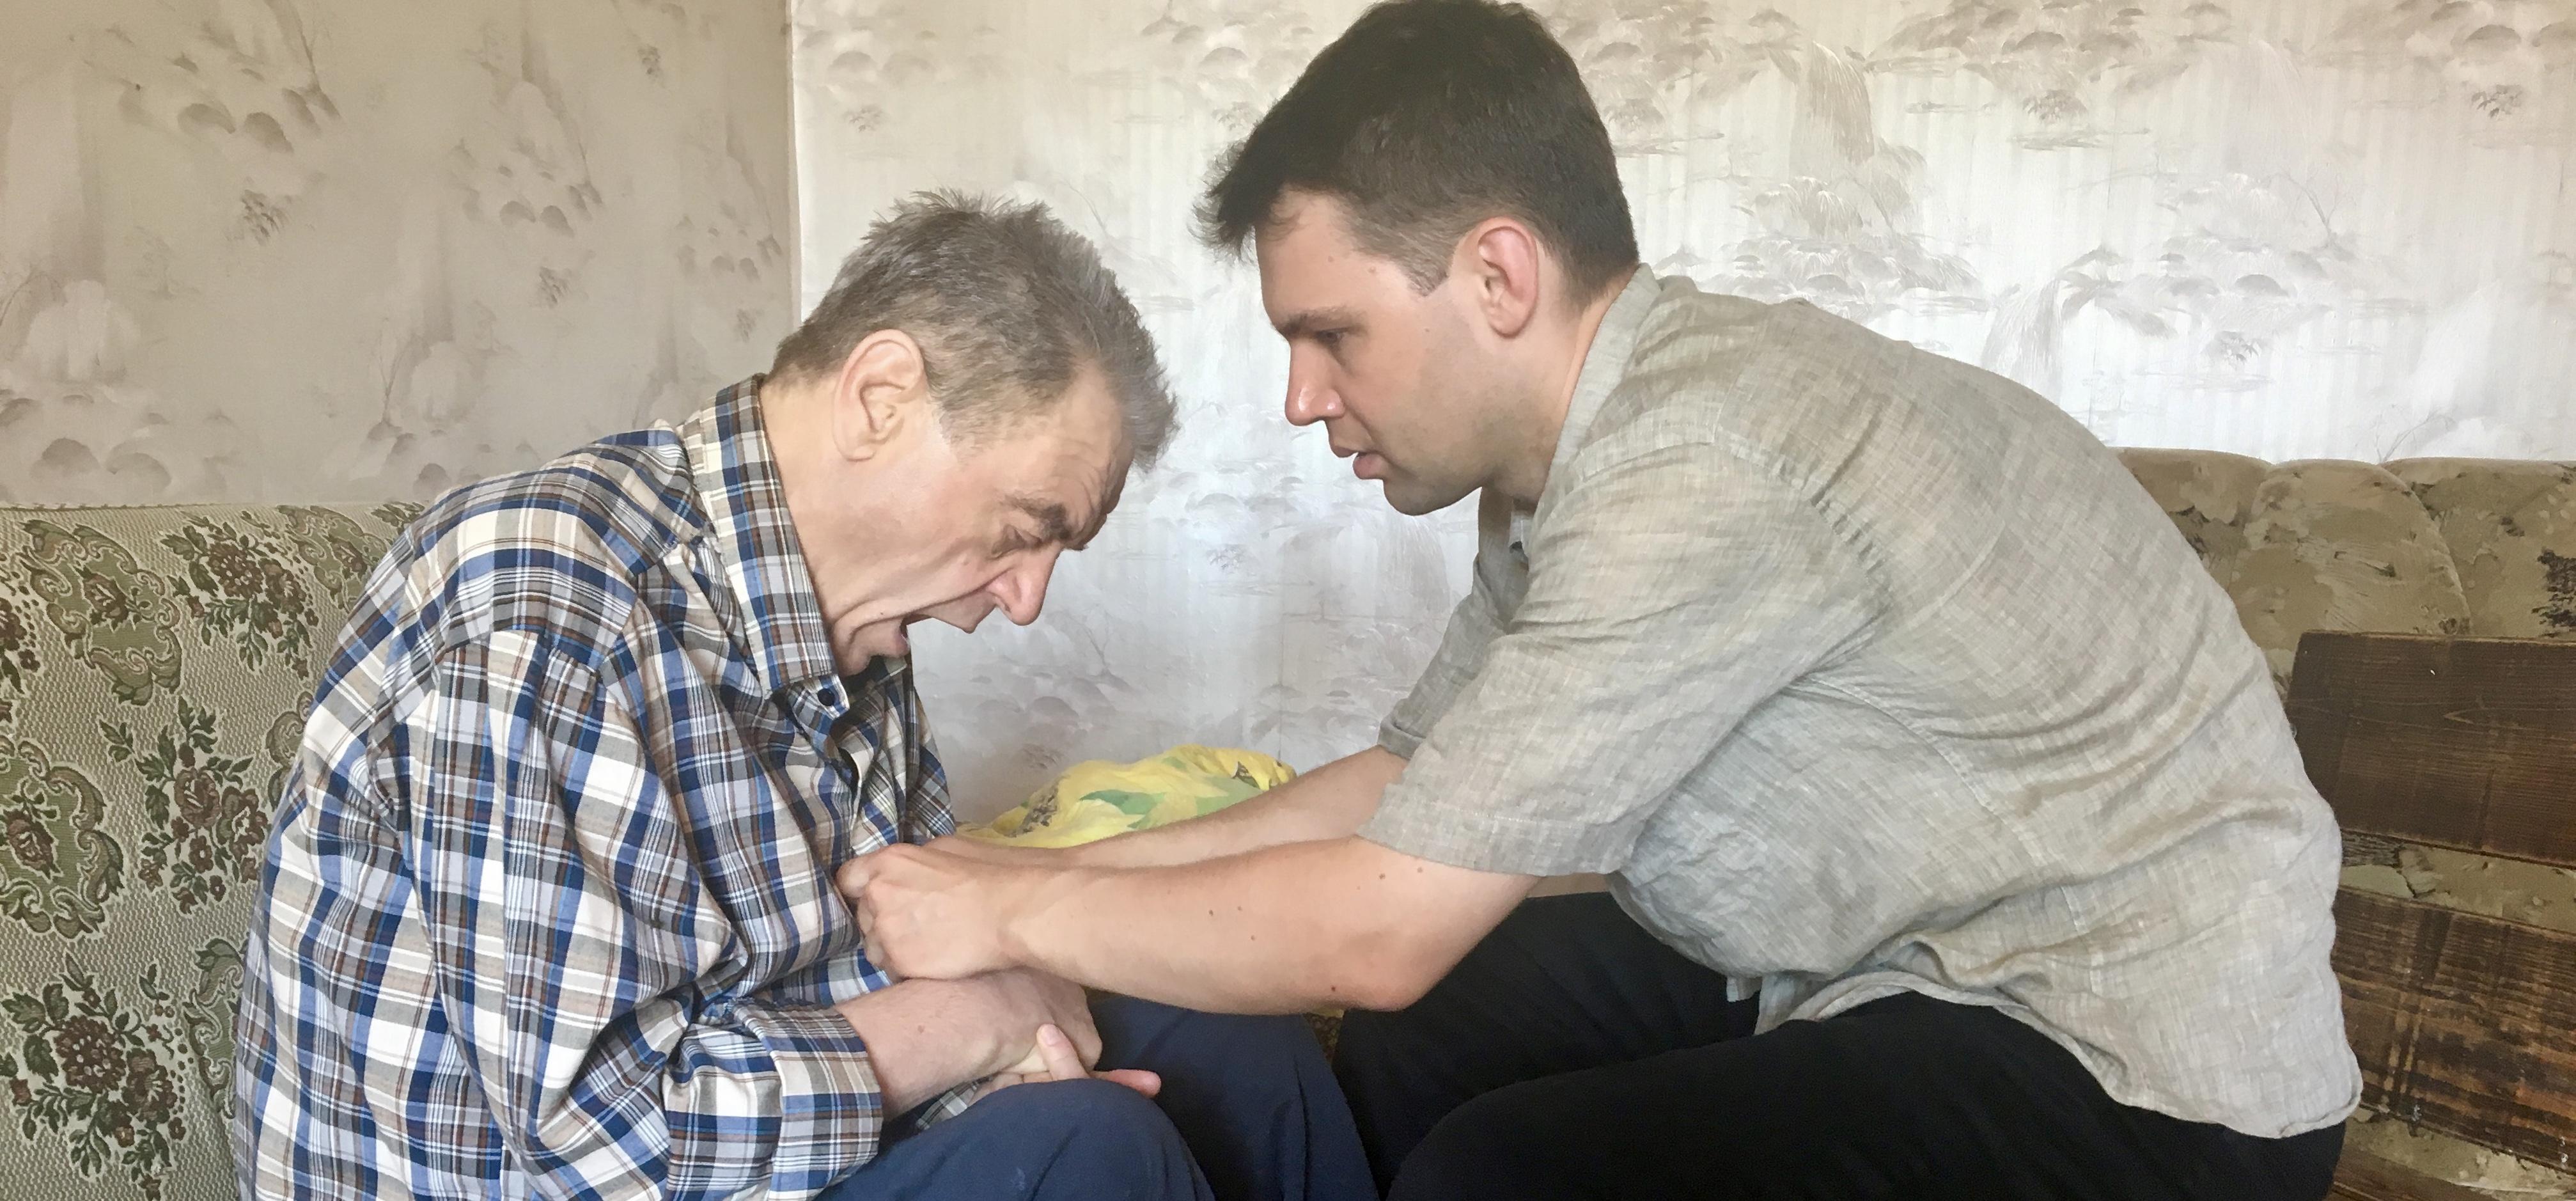 Веслав Соколовский 14 лет ухаживает за больным отцом. Фото: Екатерина БУБЕН